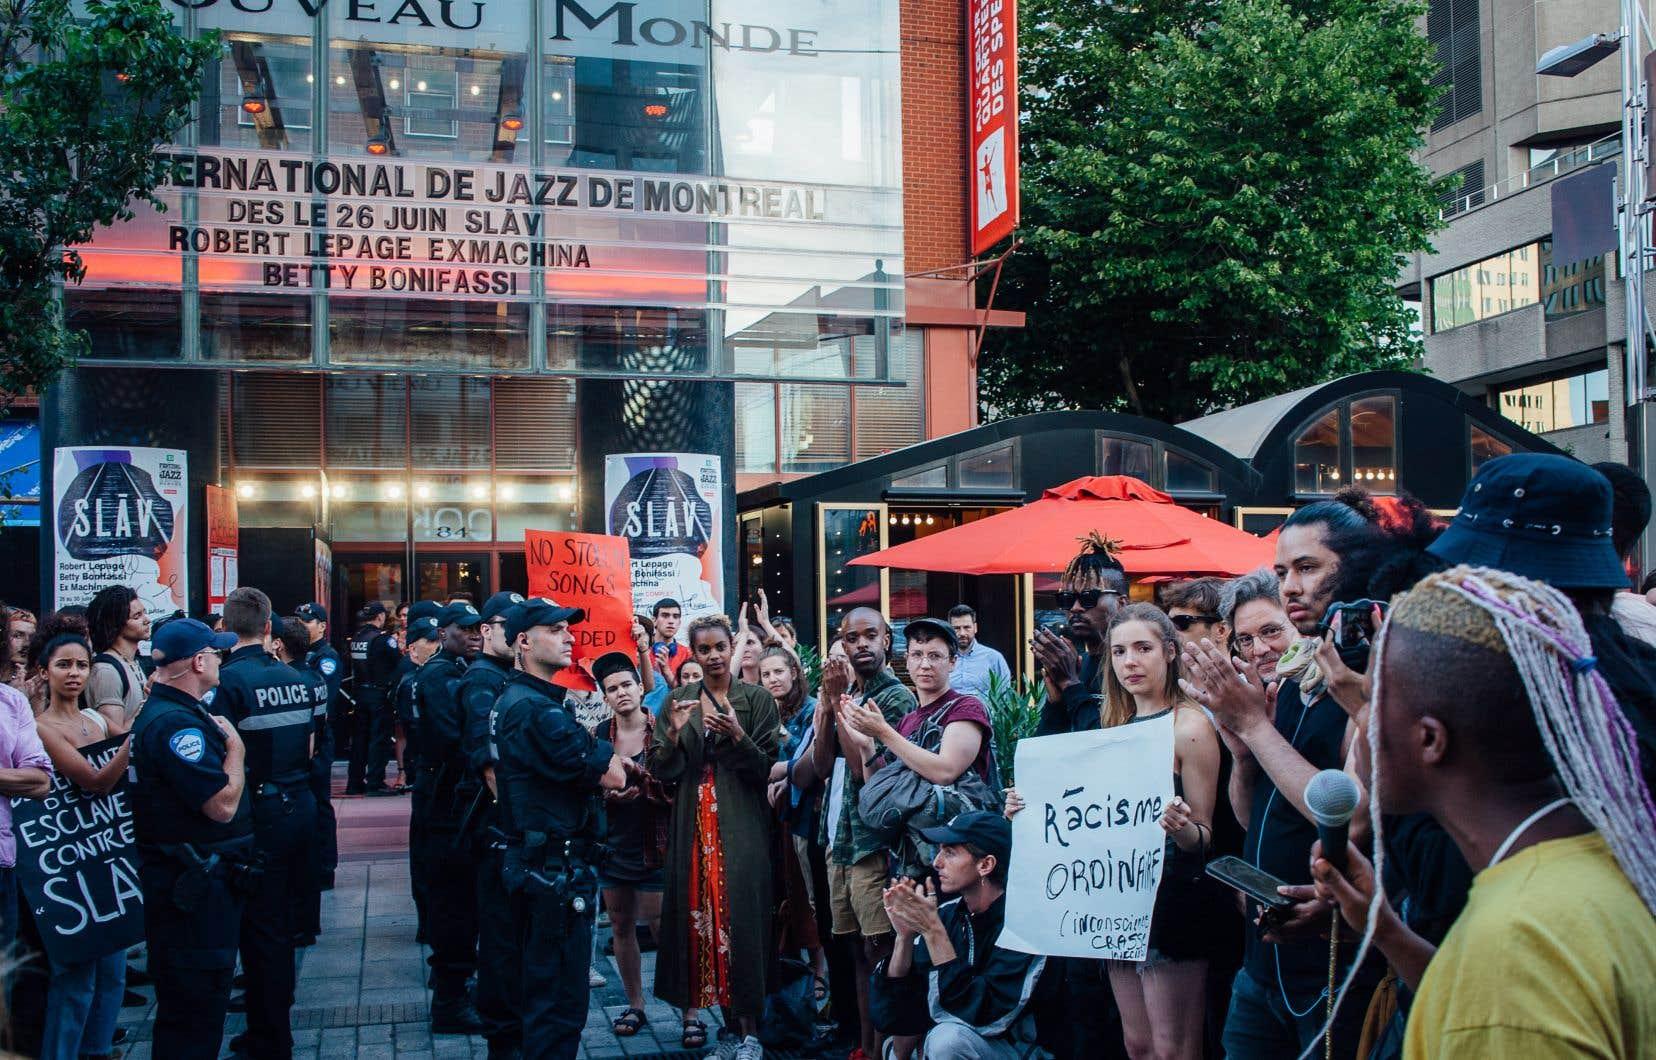 Manifestation contre le spectacle «SLAV» de Betty Bonifassi et Robert Lepage au Théâtre du Nouveau Monde